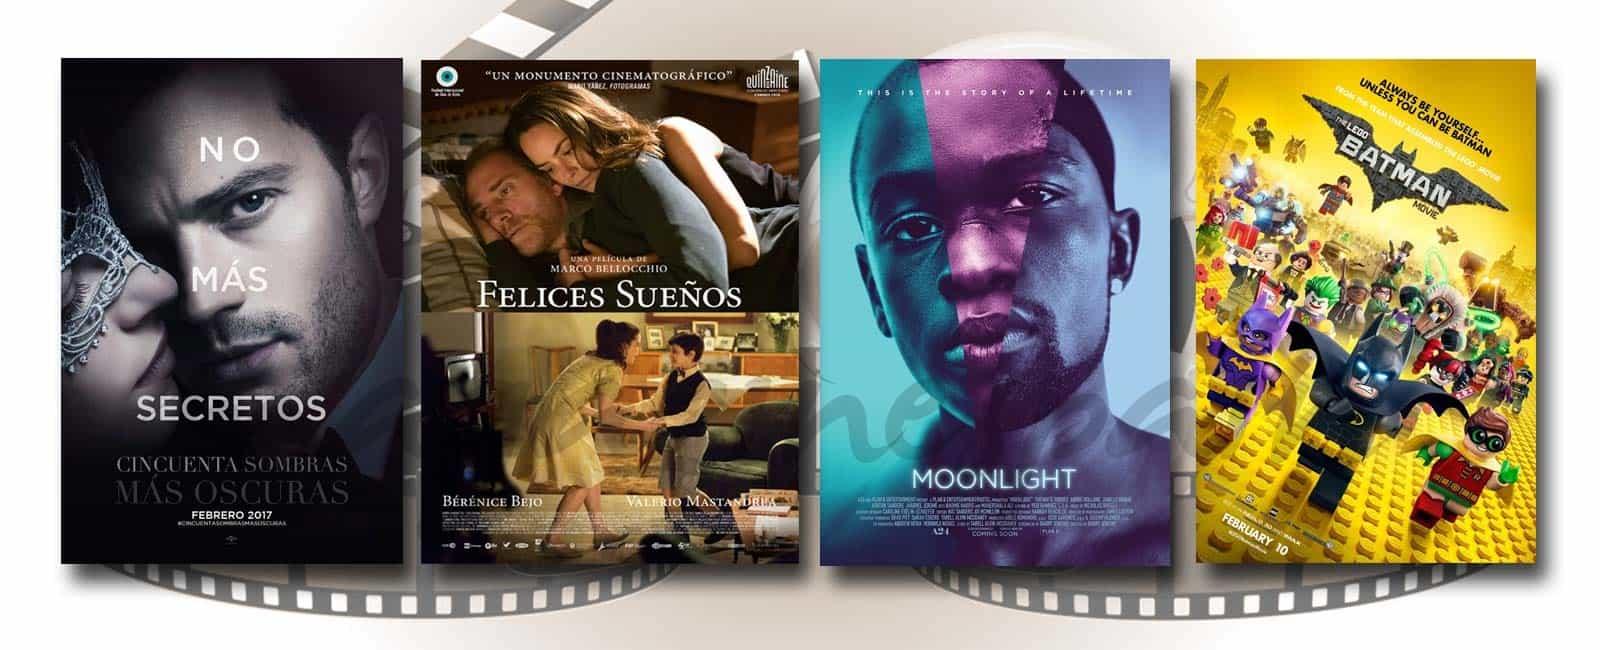 Estrenos de Cine de la Semana… 10 de Febrero 2017